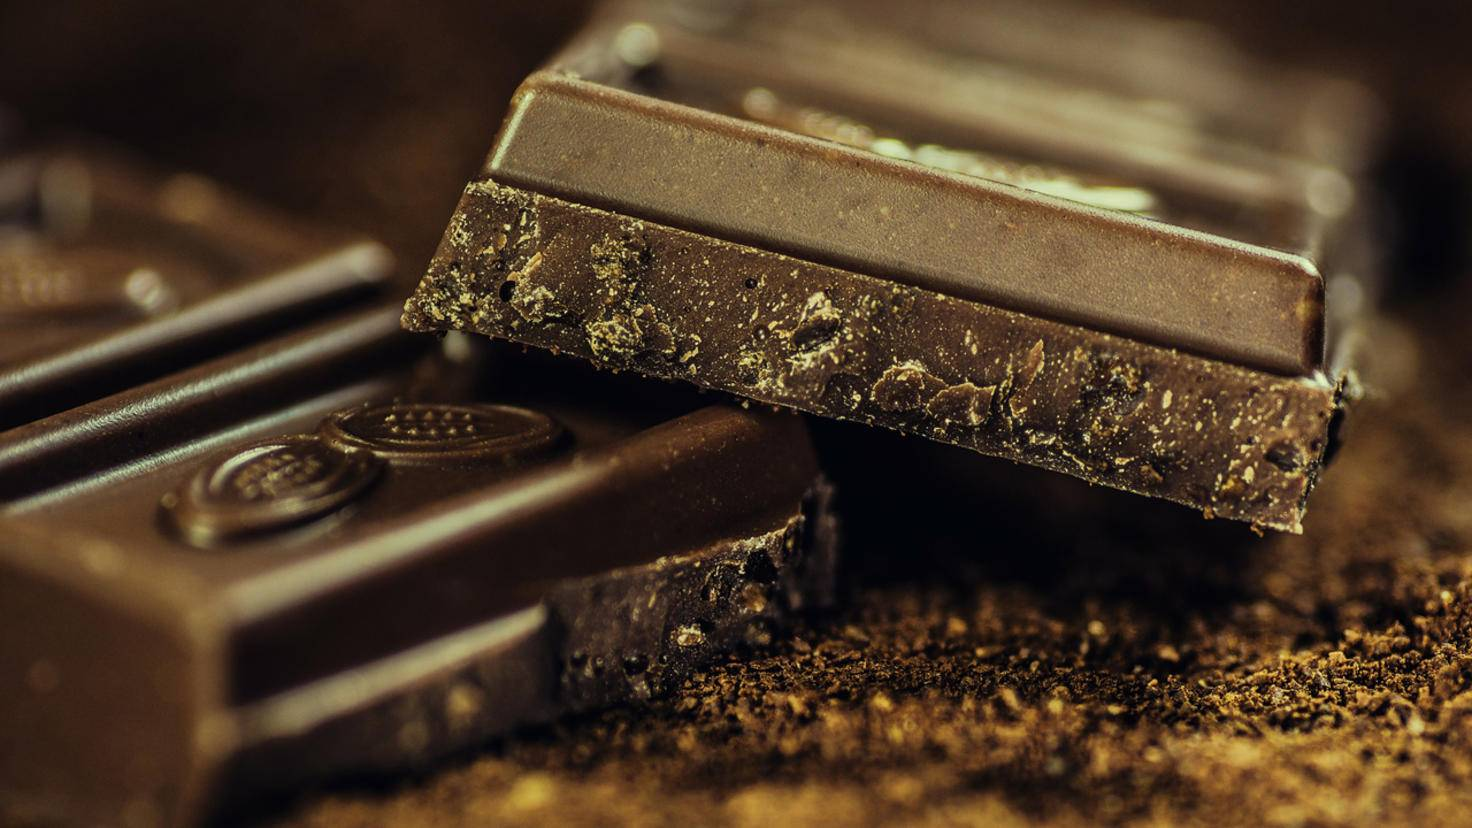 Zartbitterschokolade mit einem hohen Kakaoanteil ist in Maßen genossen durchaus gesund.